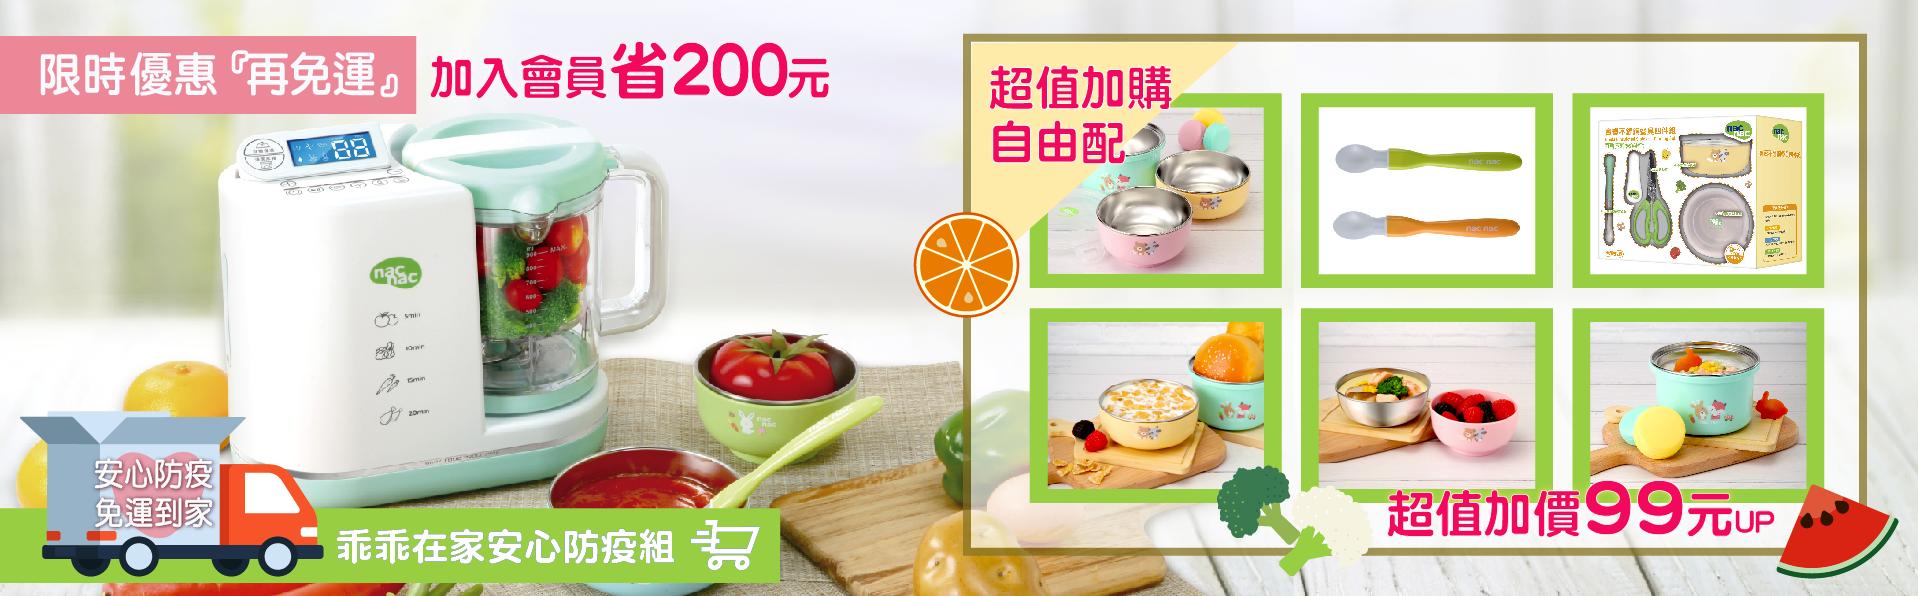 4月nac nac副食品調理機優惠活動fb廣告